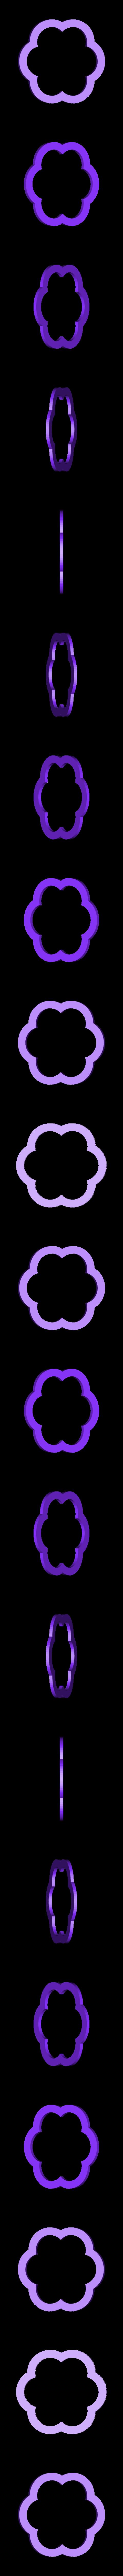 """bowl_2.stl Télécharger fichier STL gratuit Ensemble de cuisine """"Spring"""" • Plan à imprimer en 3D, TanyaAkinora"""